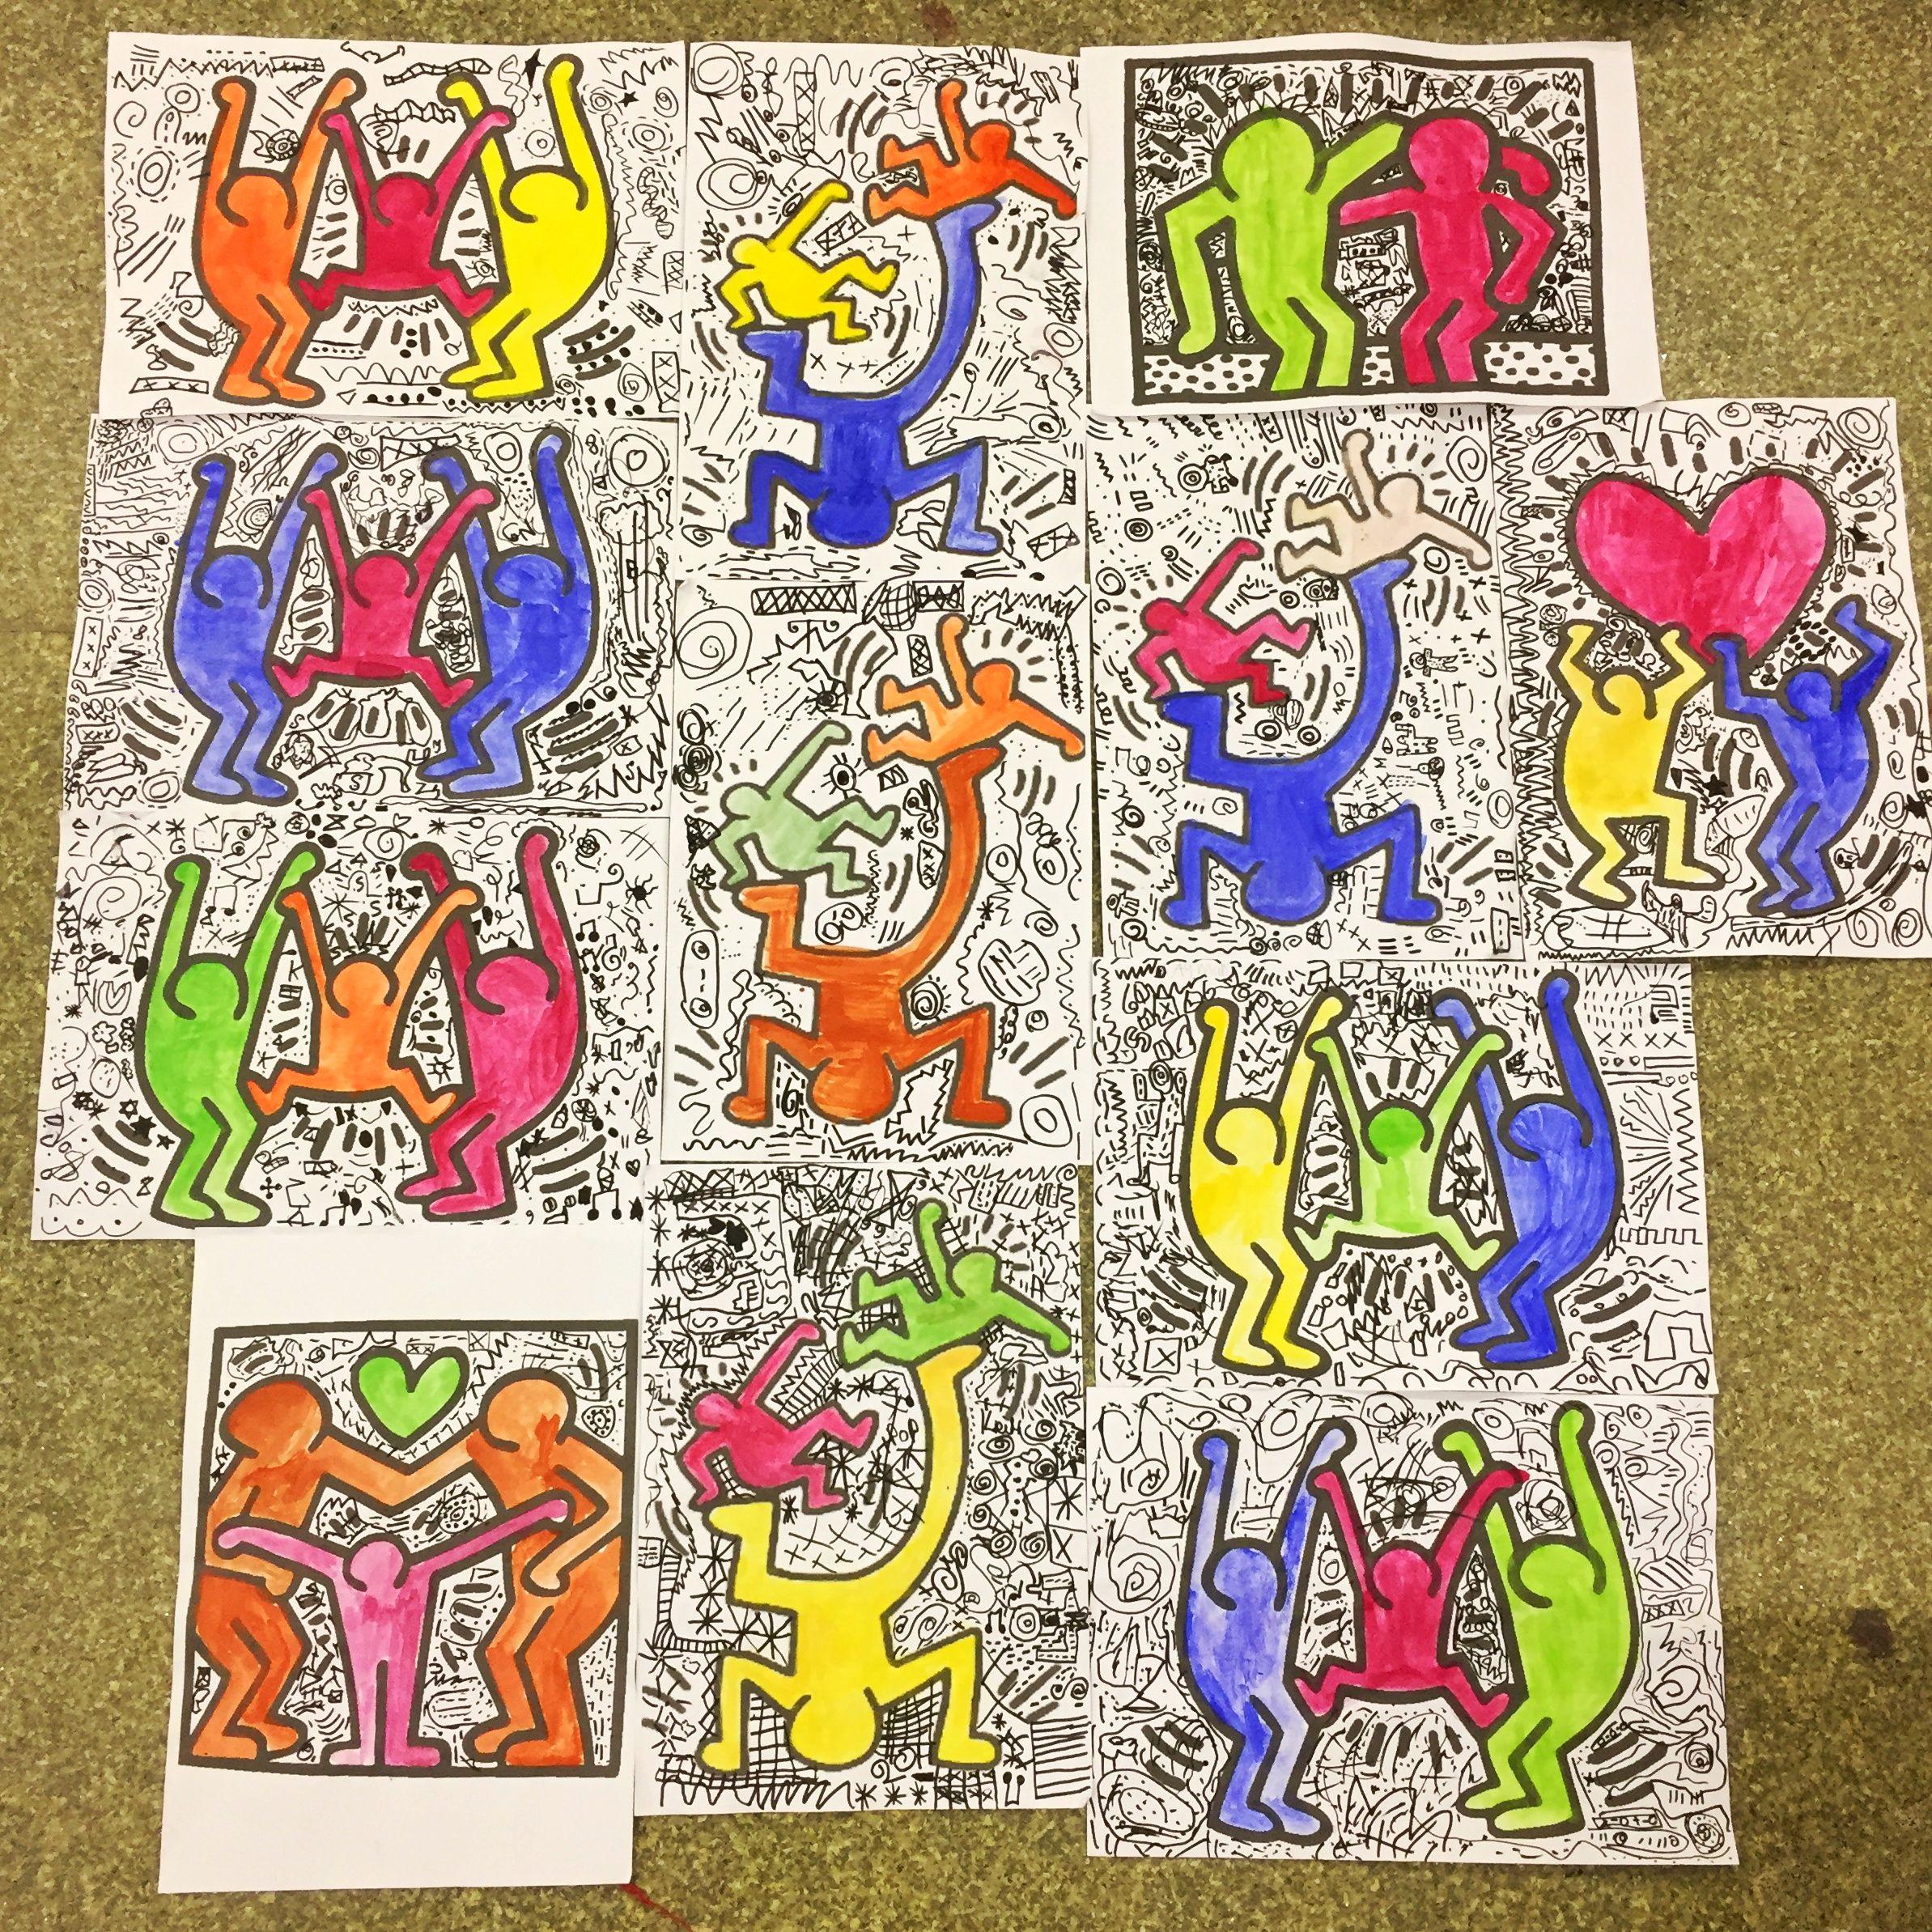 Keith Haring Year 3